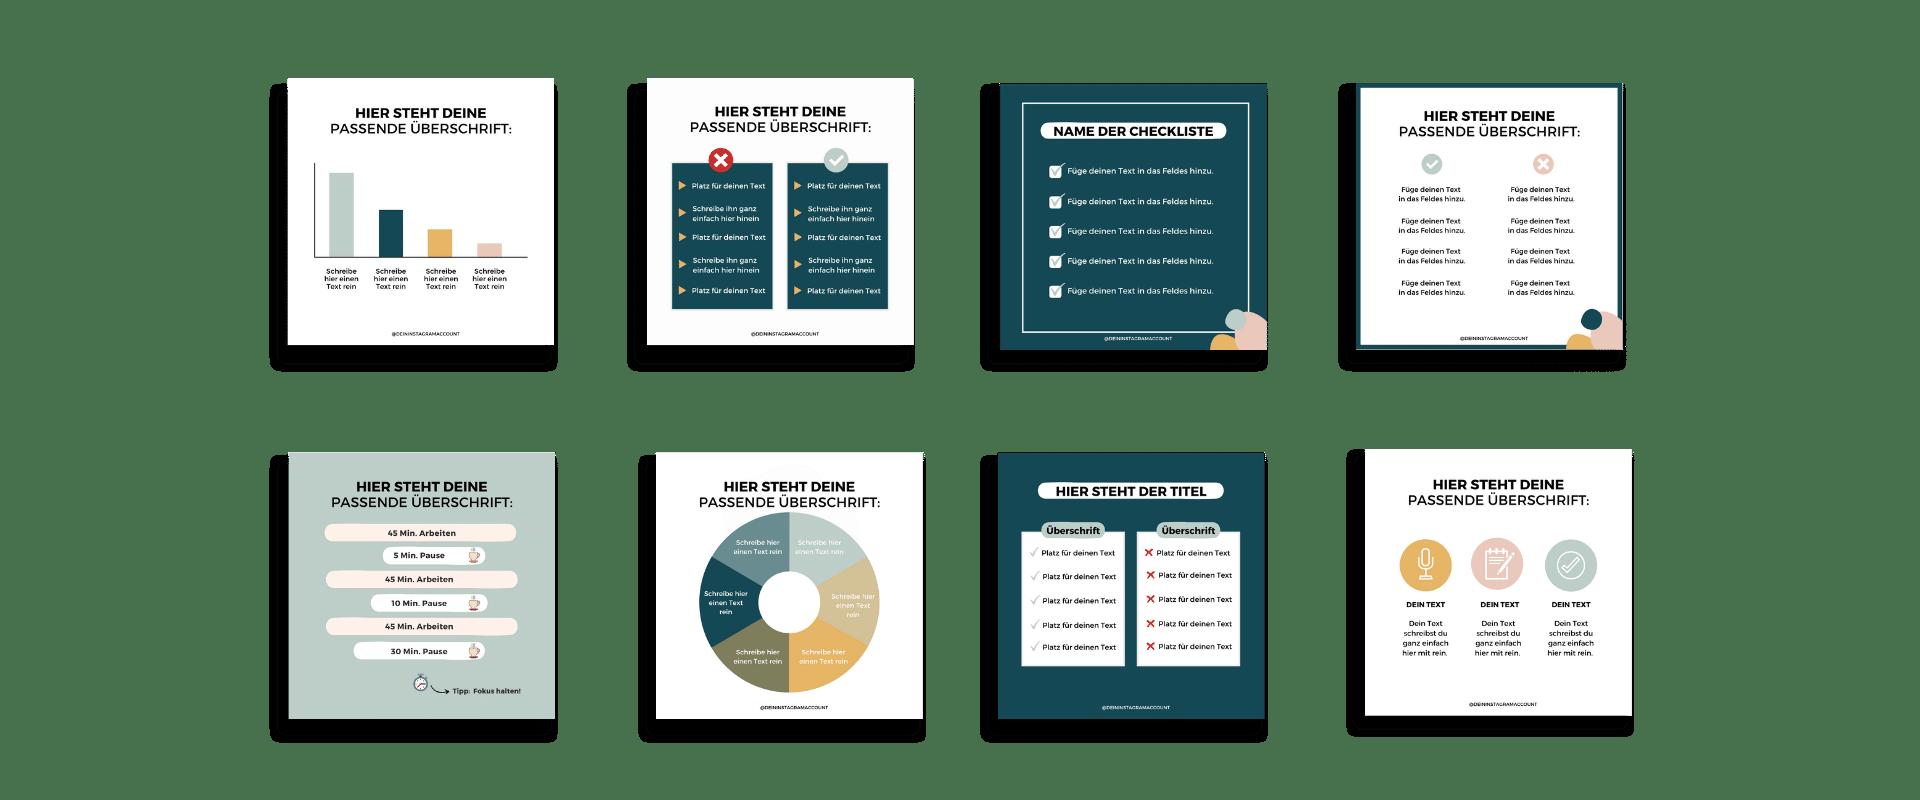 99 Design-Vorlagen für deinen Instagram Feed!